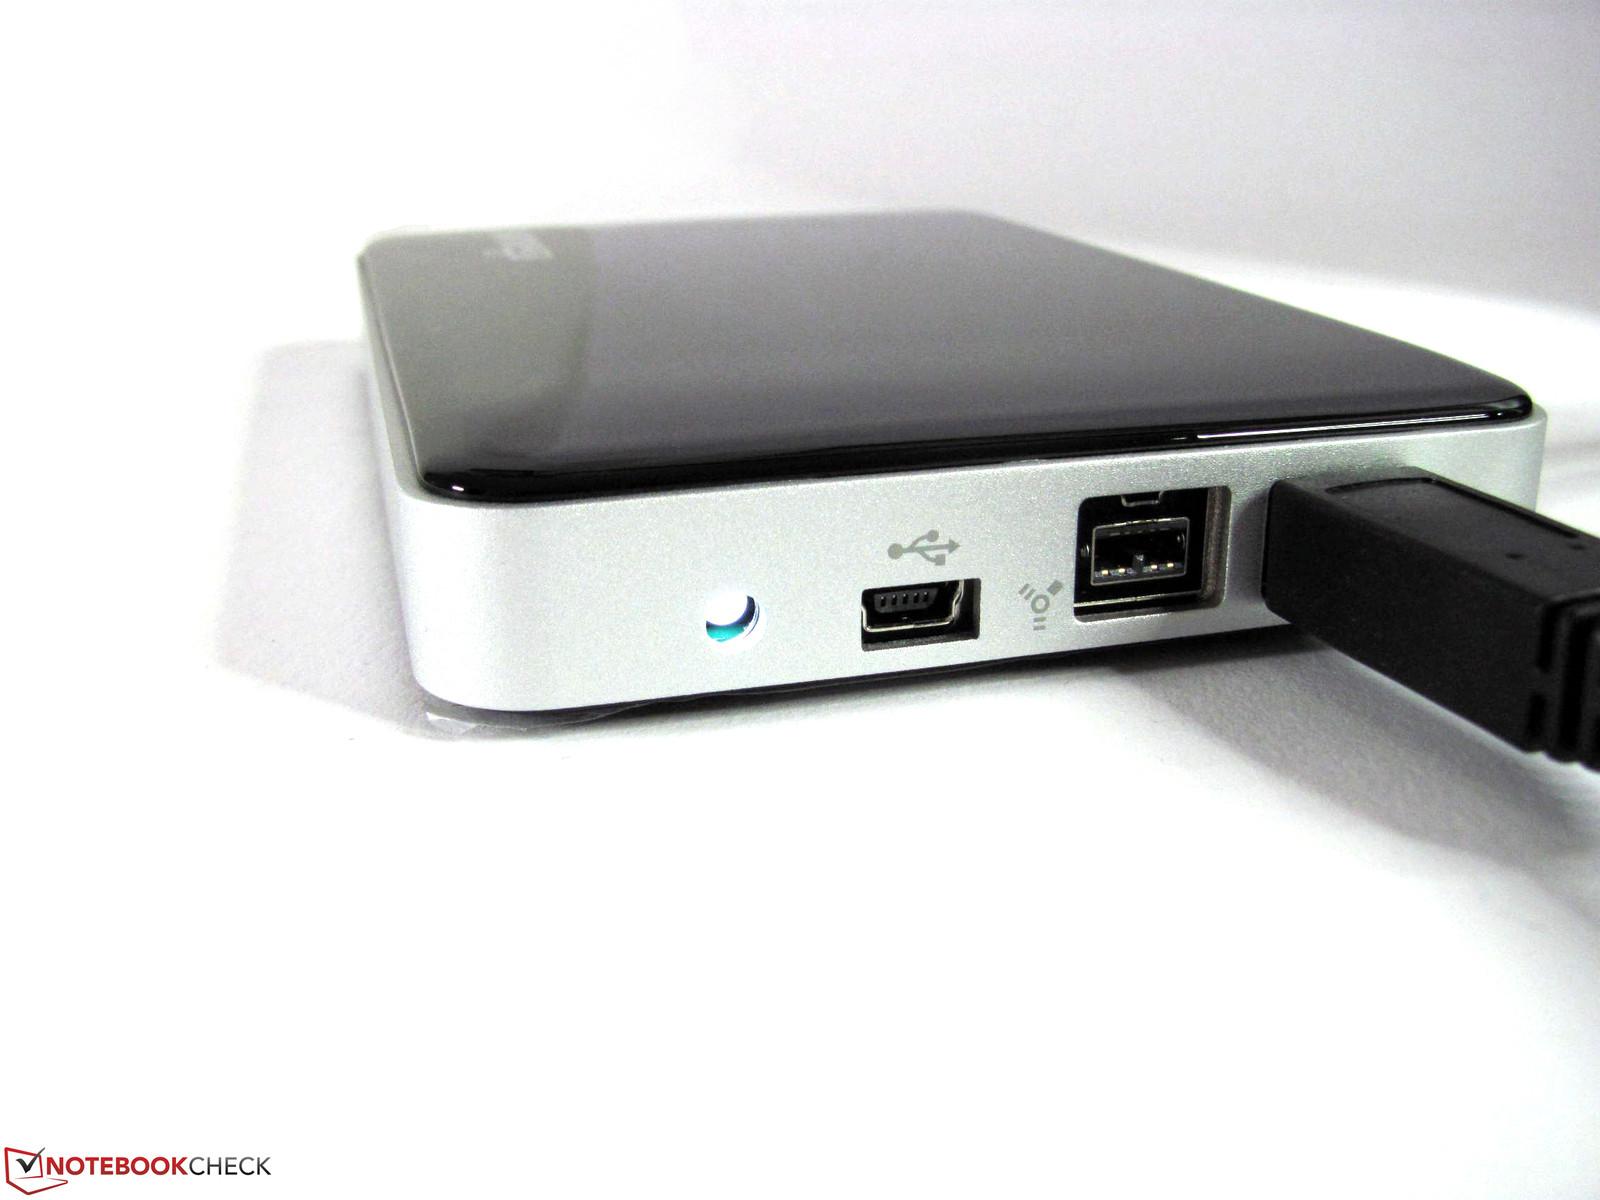 Test Iomega eGo Mac Edition 500 GB FW 800 / USB 2.0 Portable HDD ...